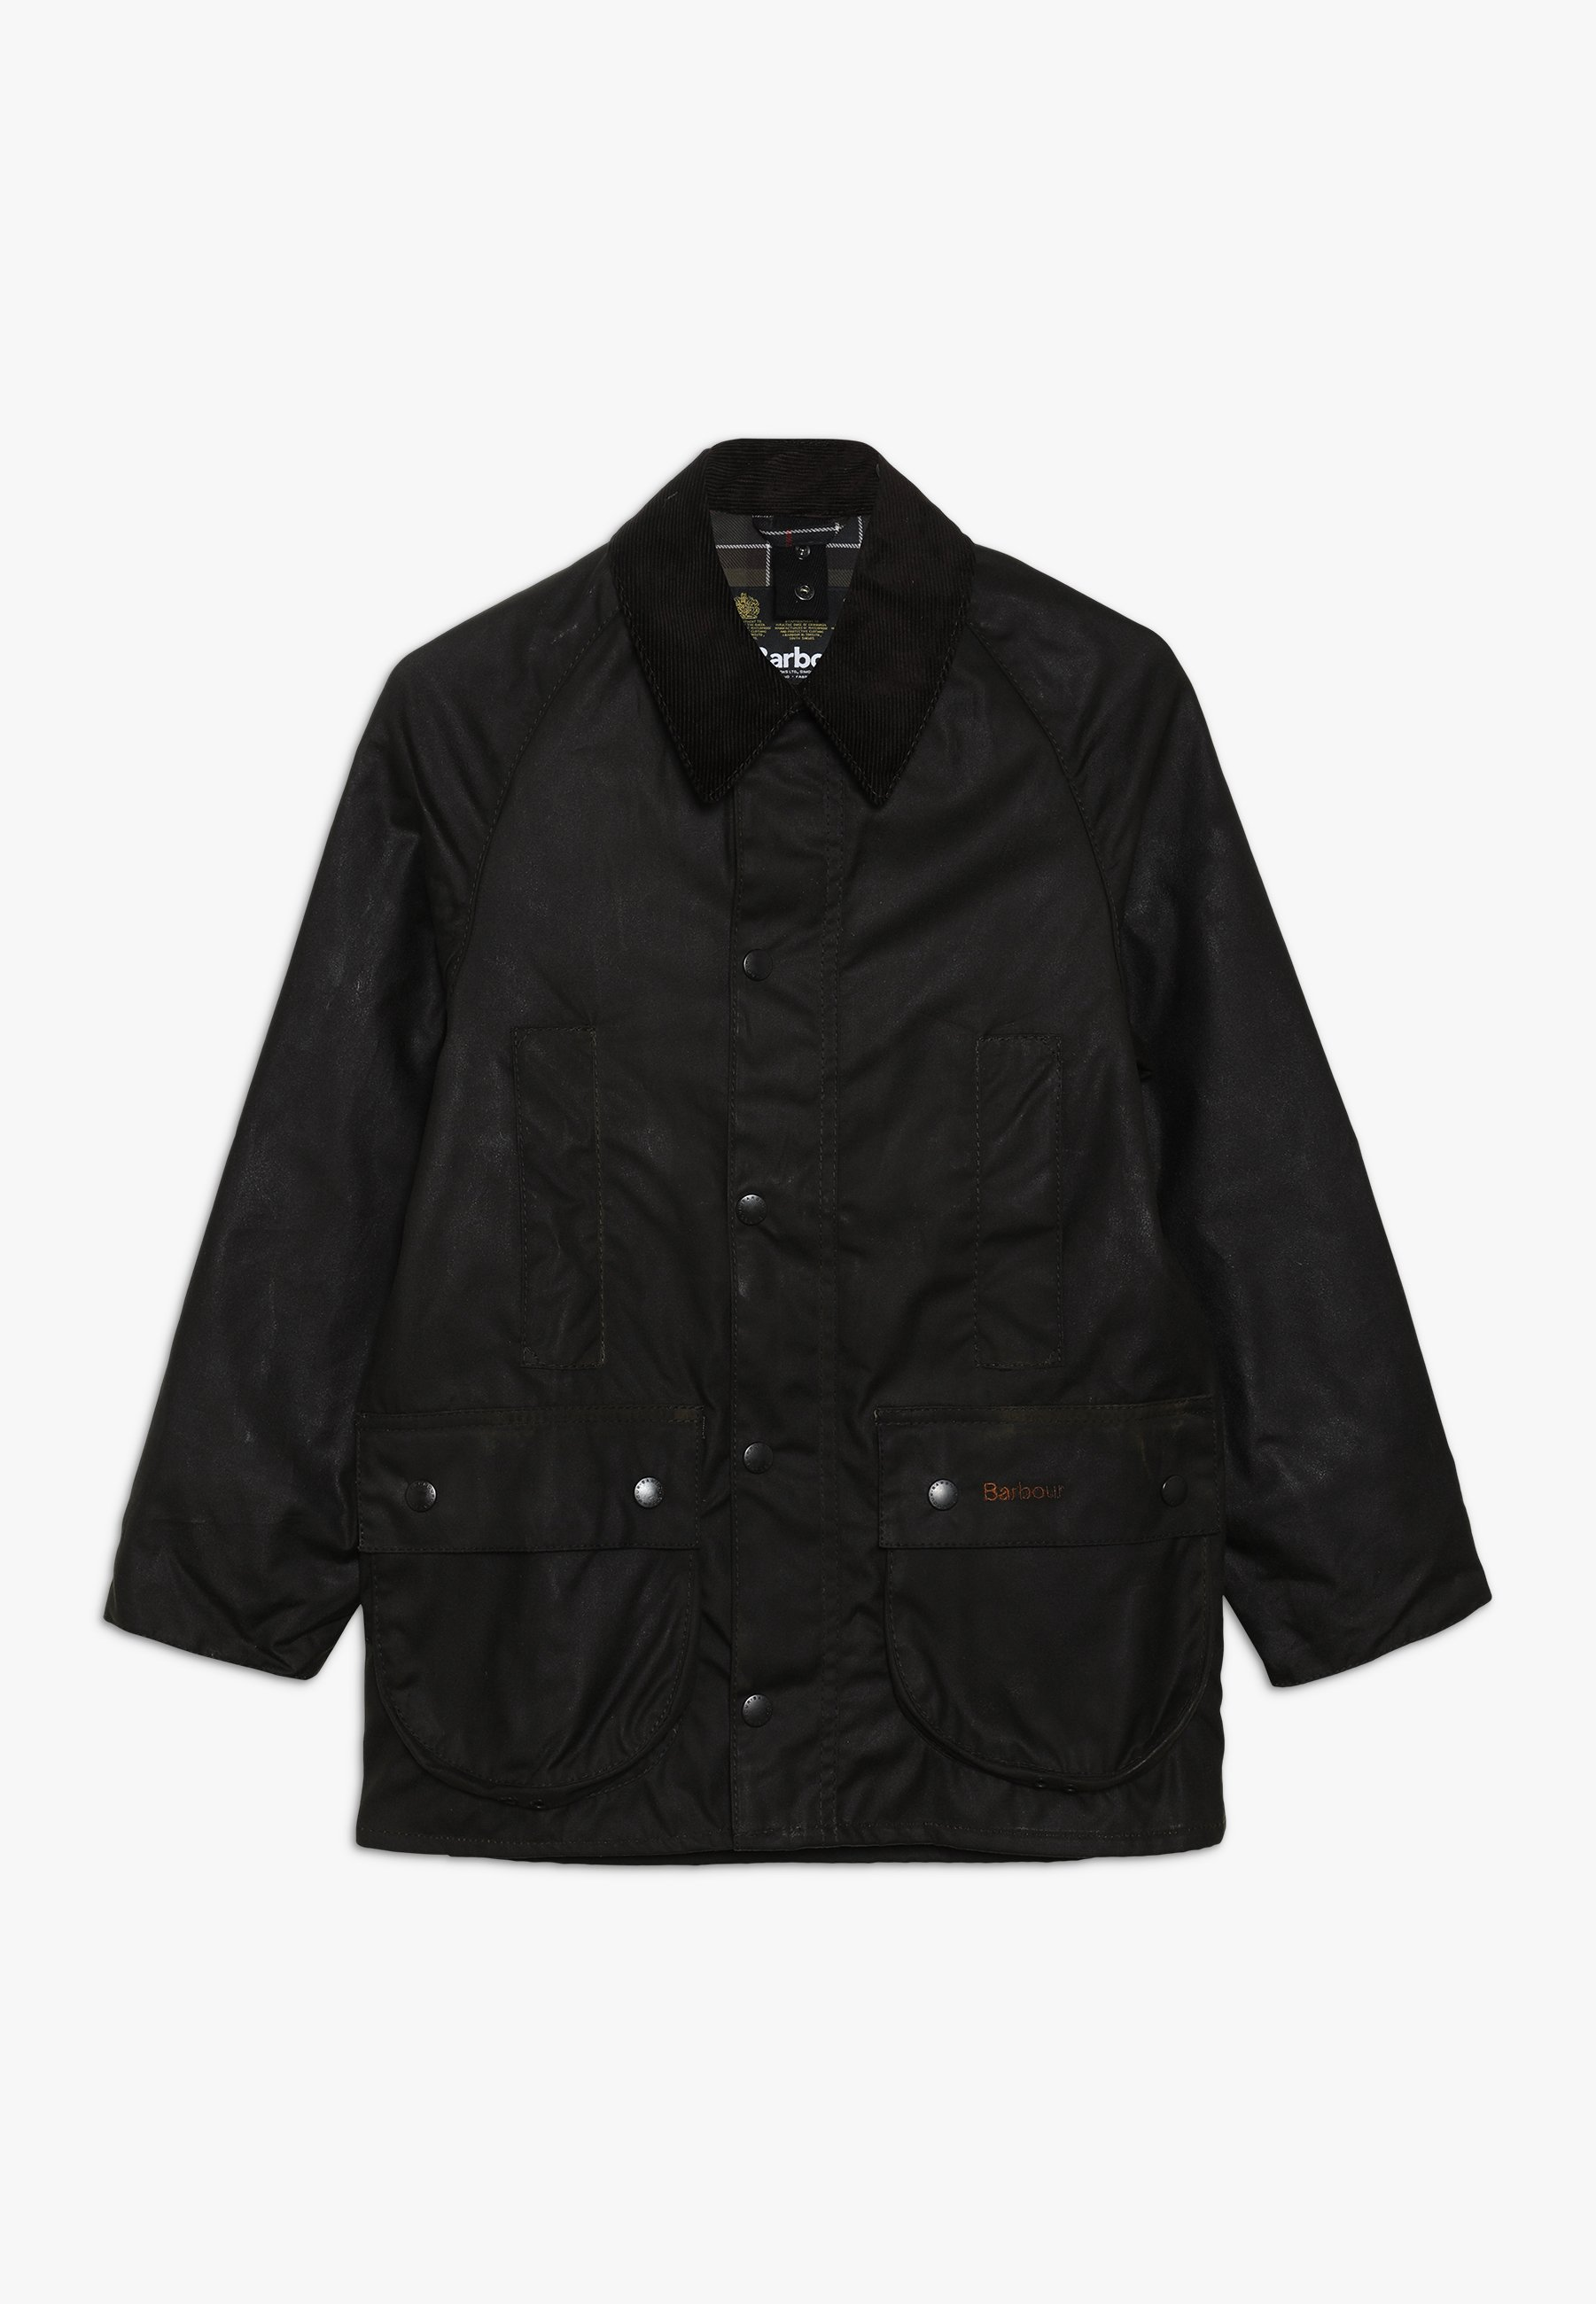 Kinder CLASSIC BEAUFORT - Regenjacke / wasserabweisende Jacke